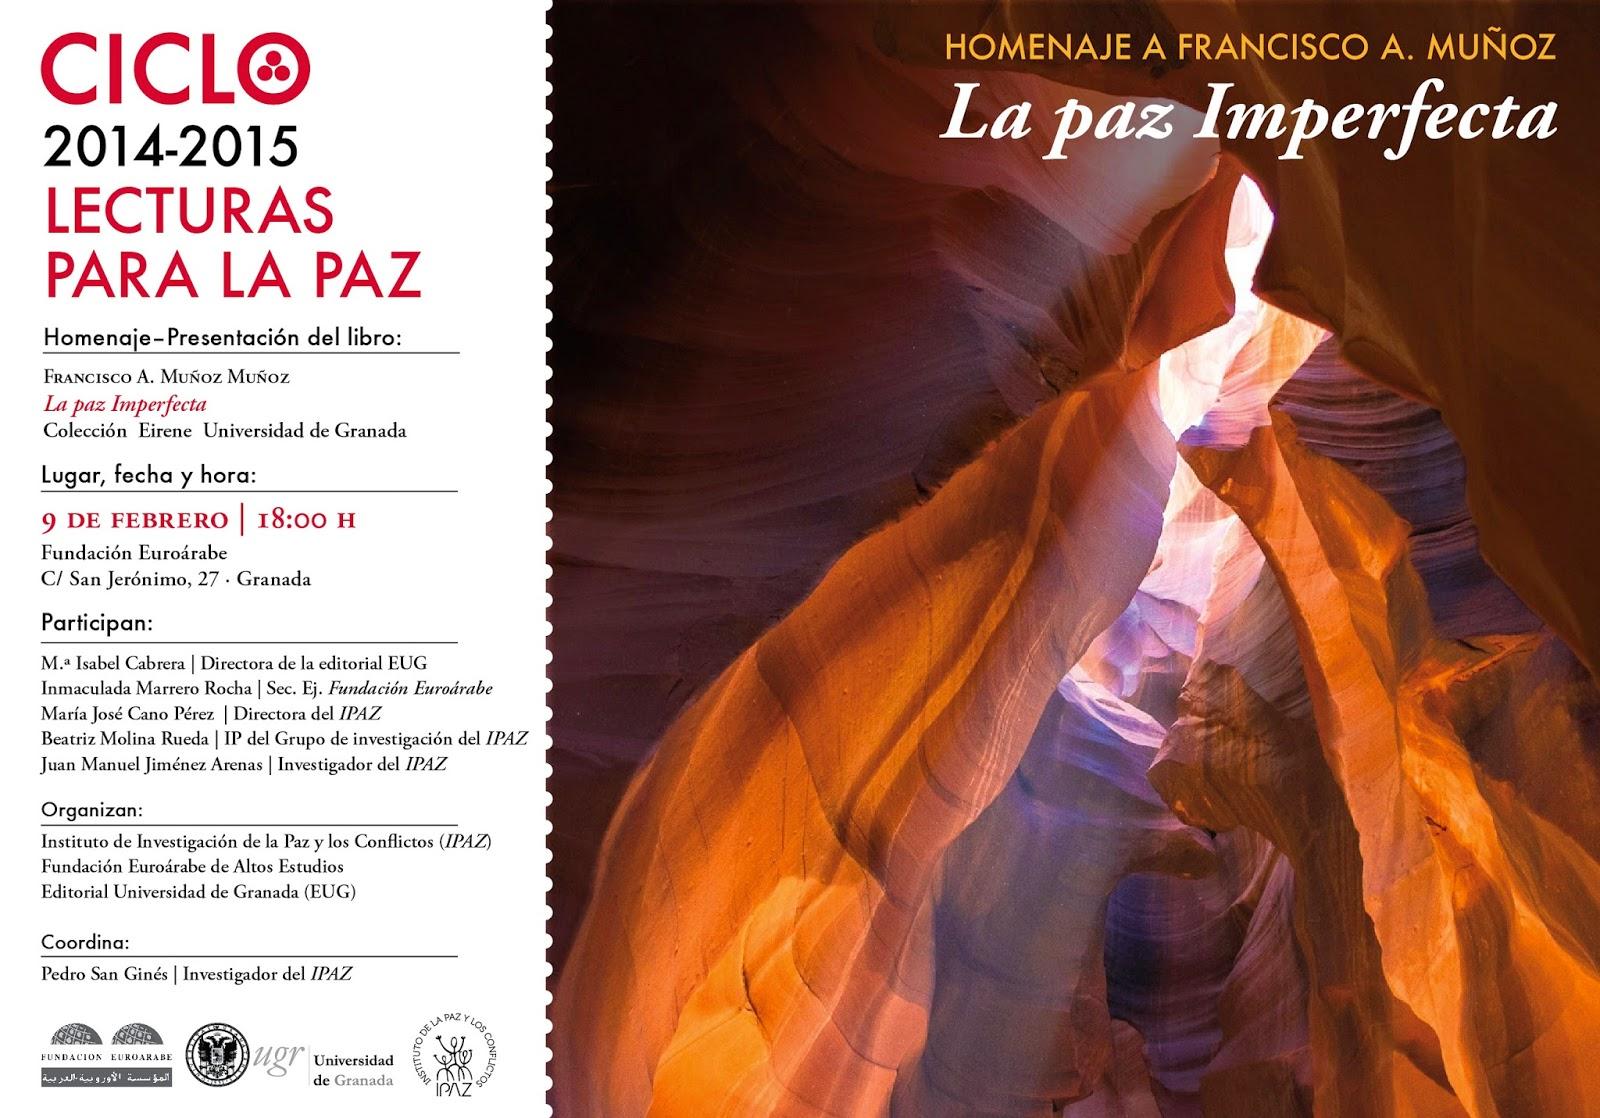 Homenaje a Francisco A. Muñoz Muñoz